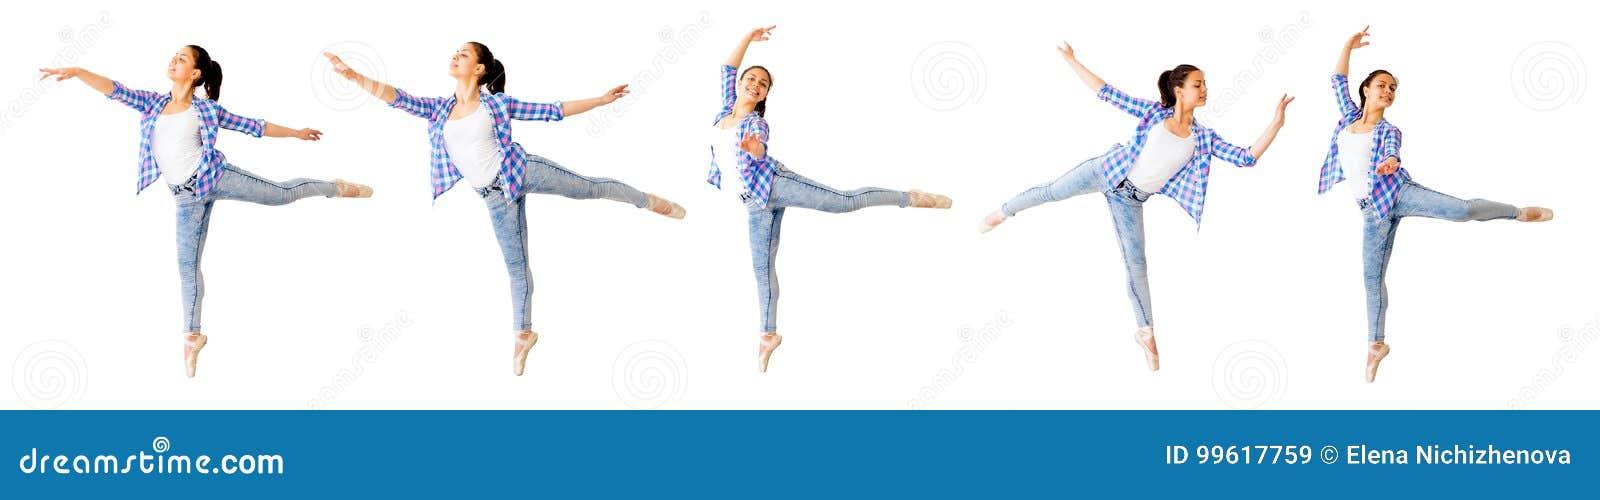 Collage för dansflicka